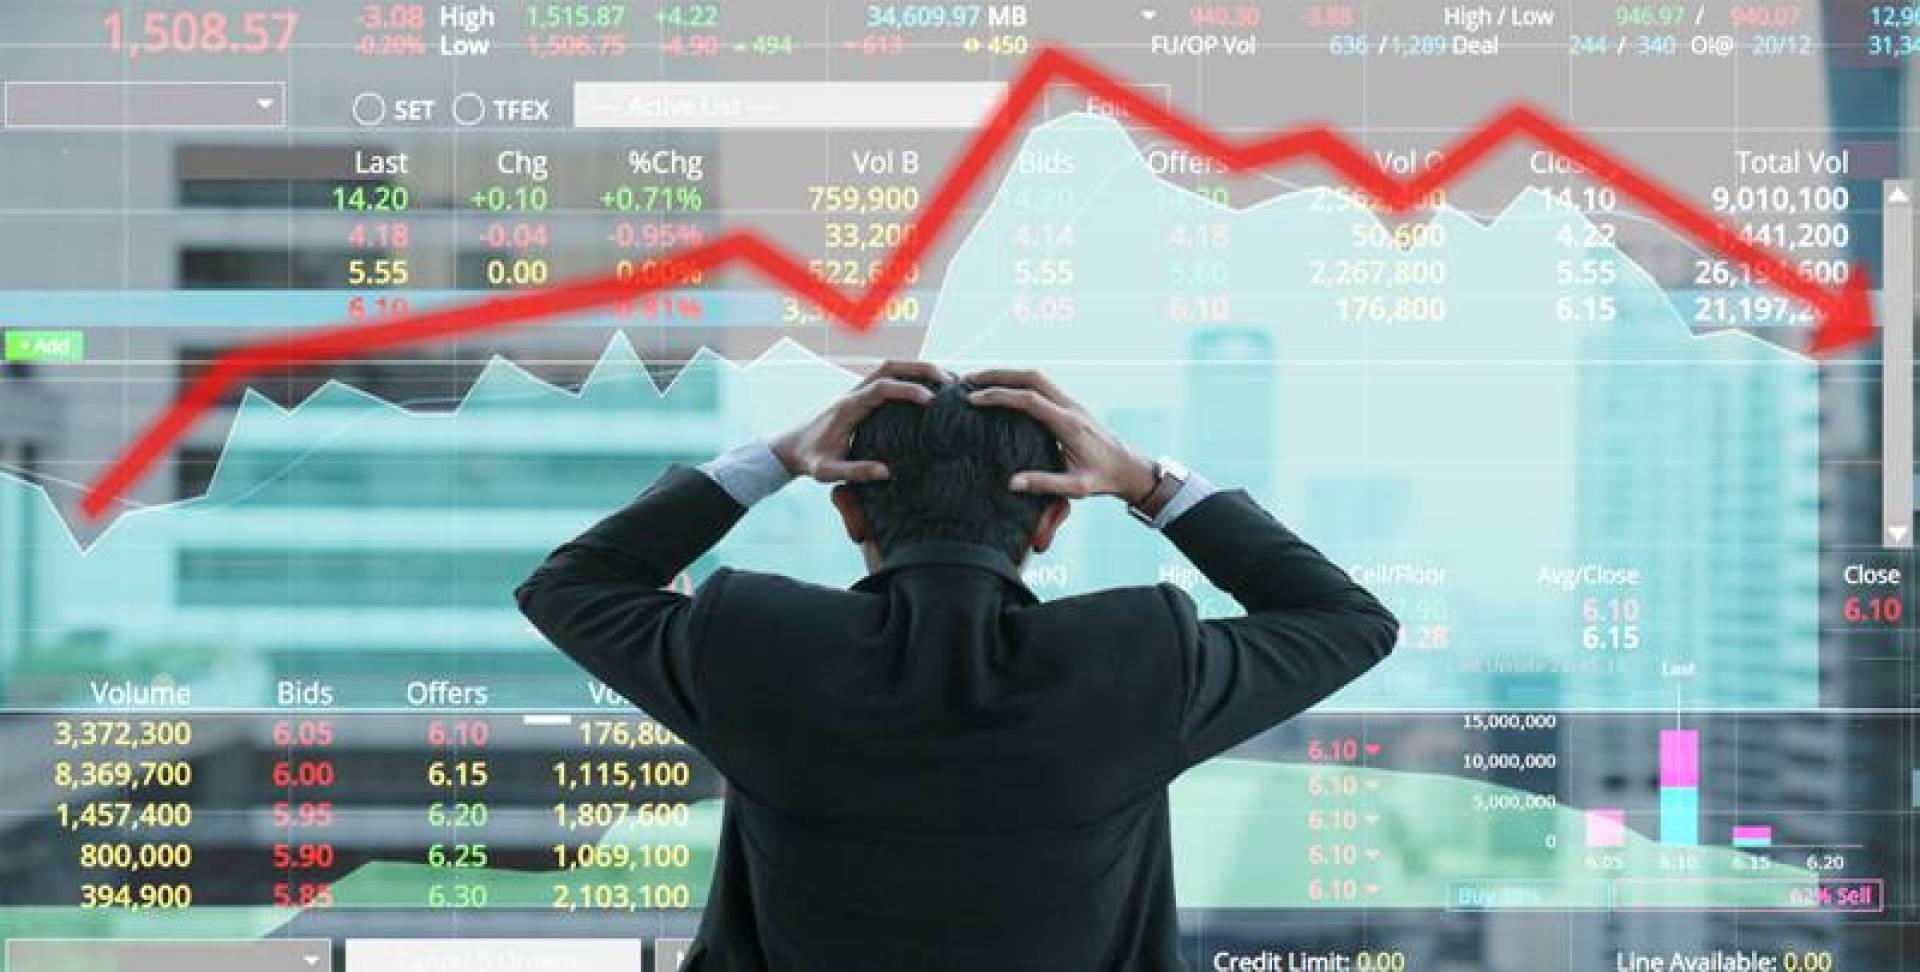 انهيار أسعار الأسهم بسبب الكساد الاقتصادي